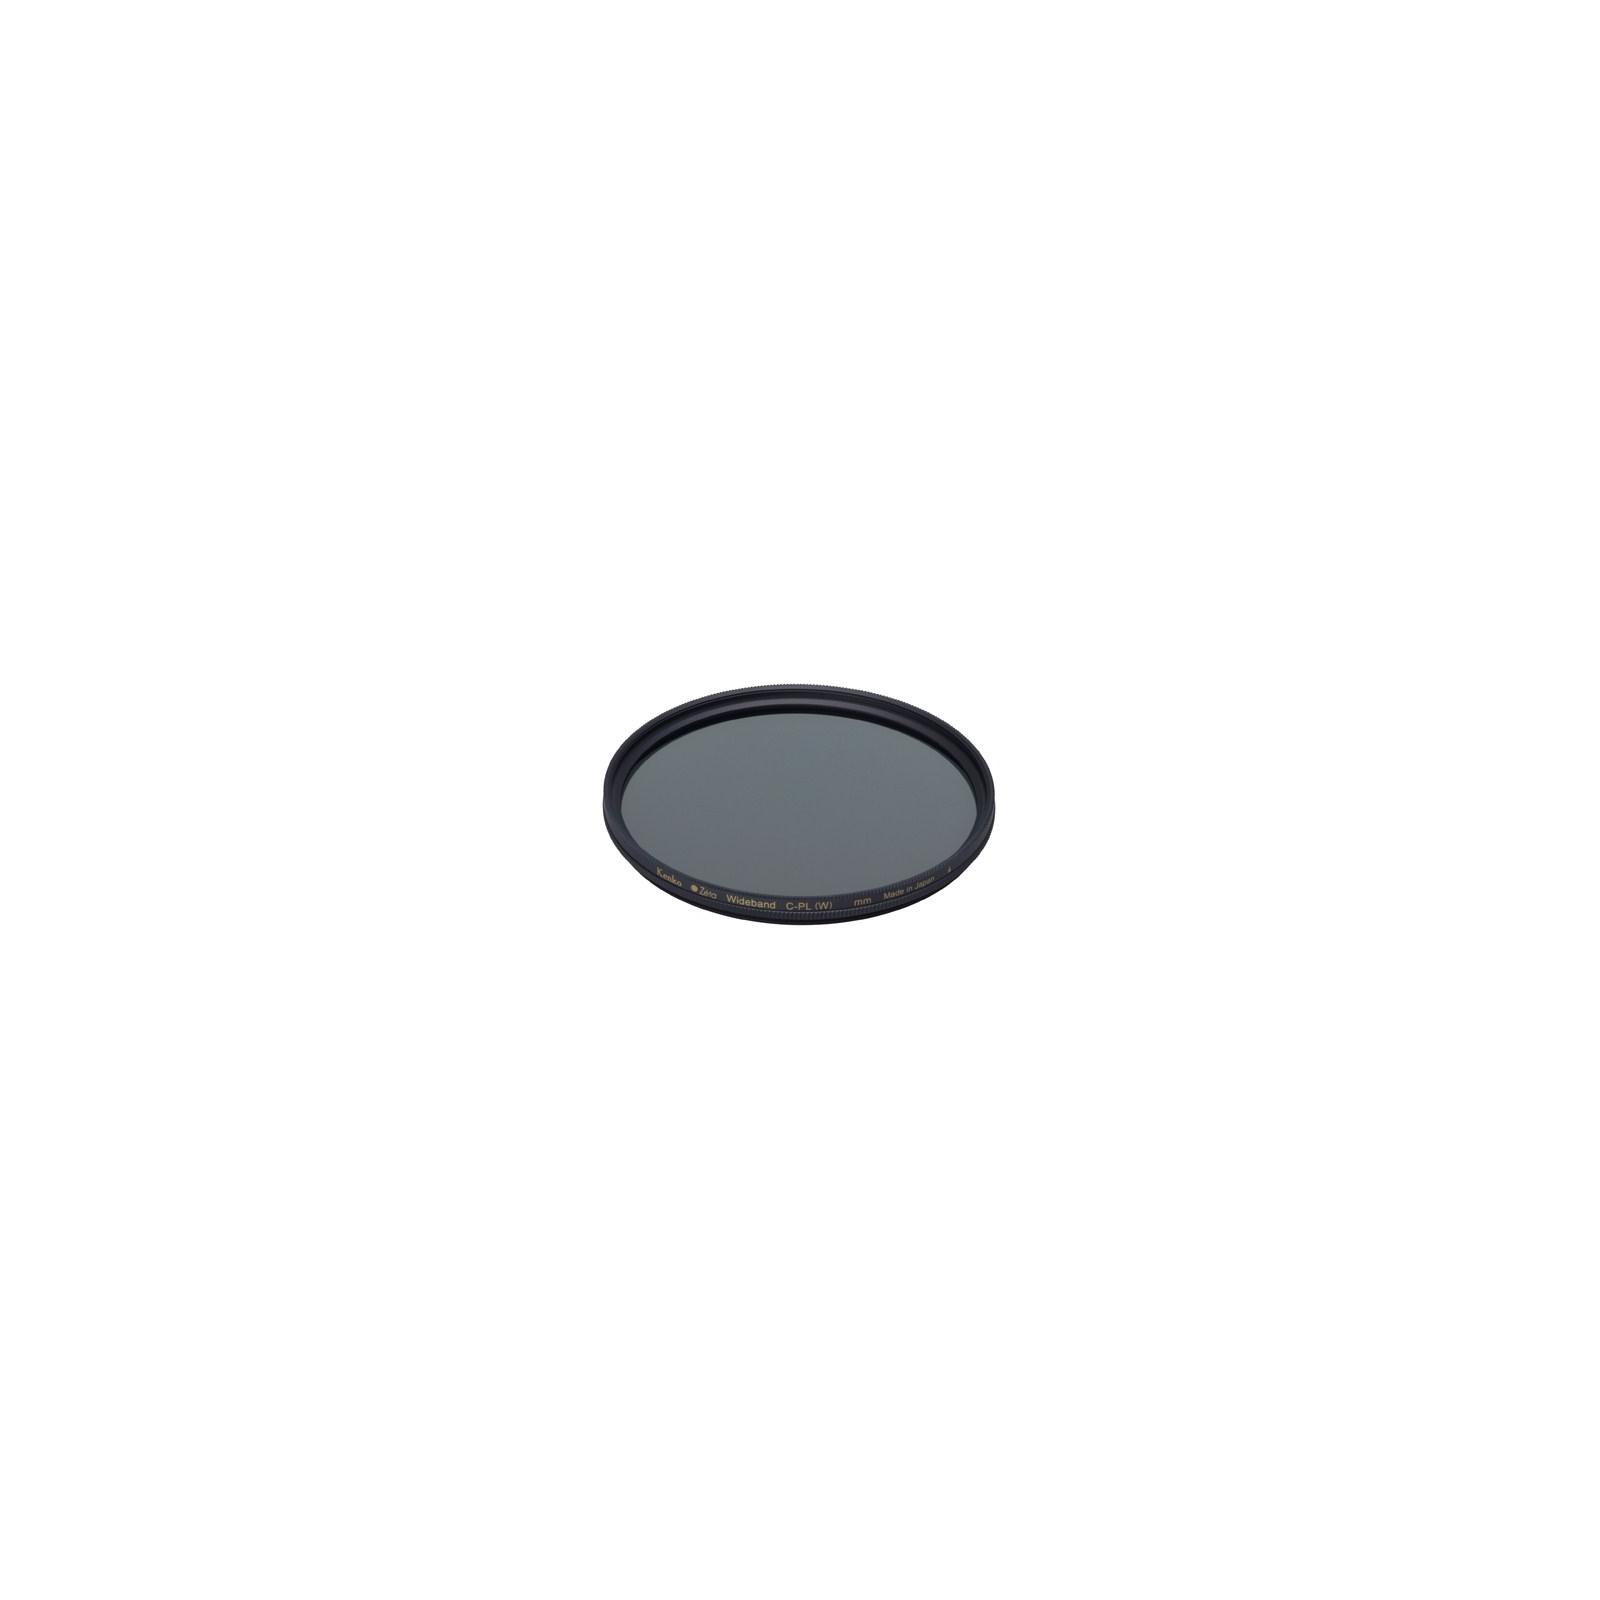 Светофильтр Kenko PRO1D C-PL 77mm (237787)